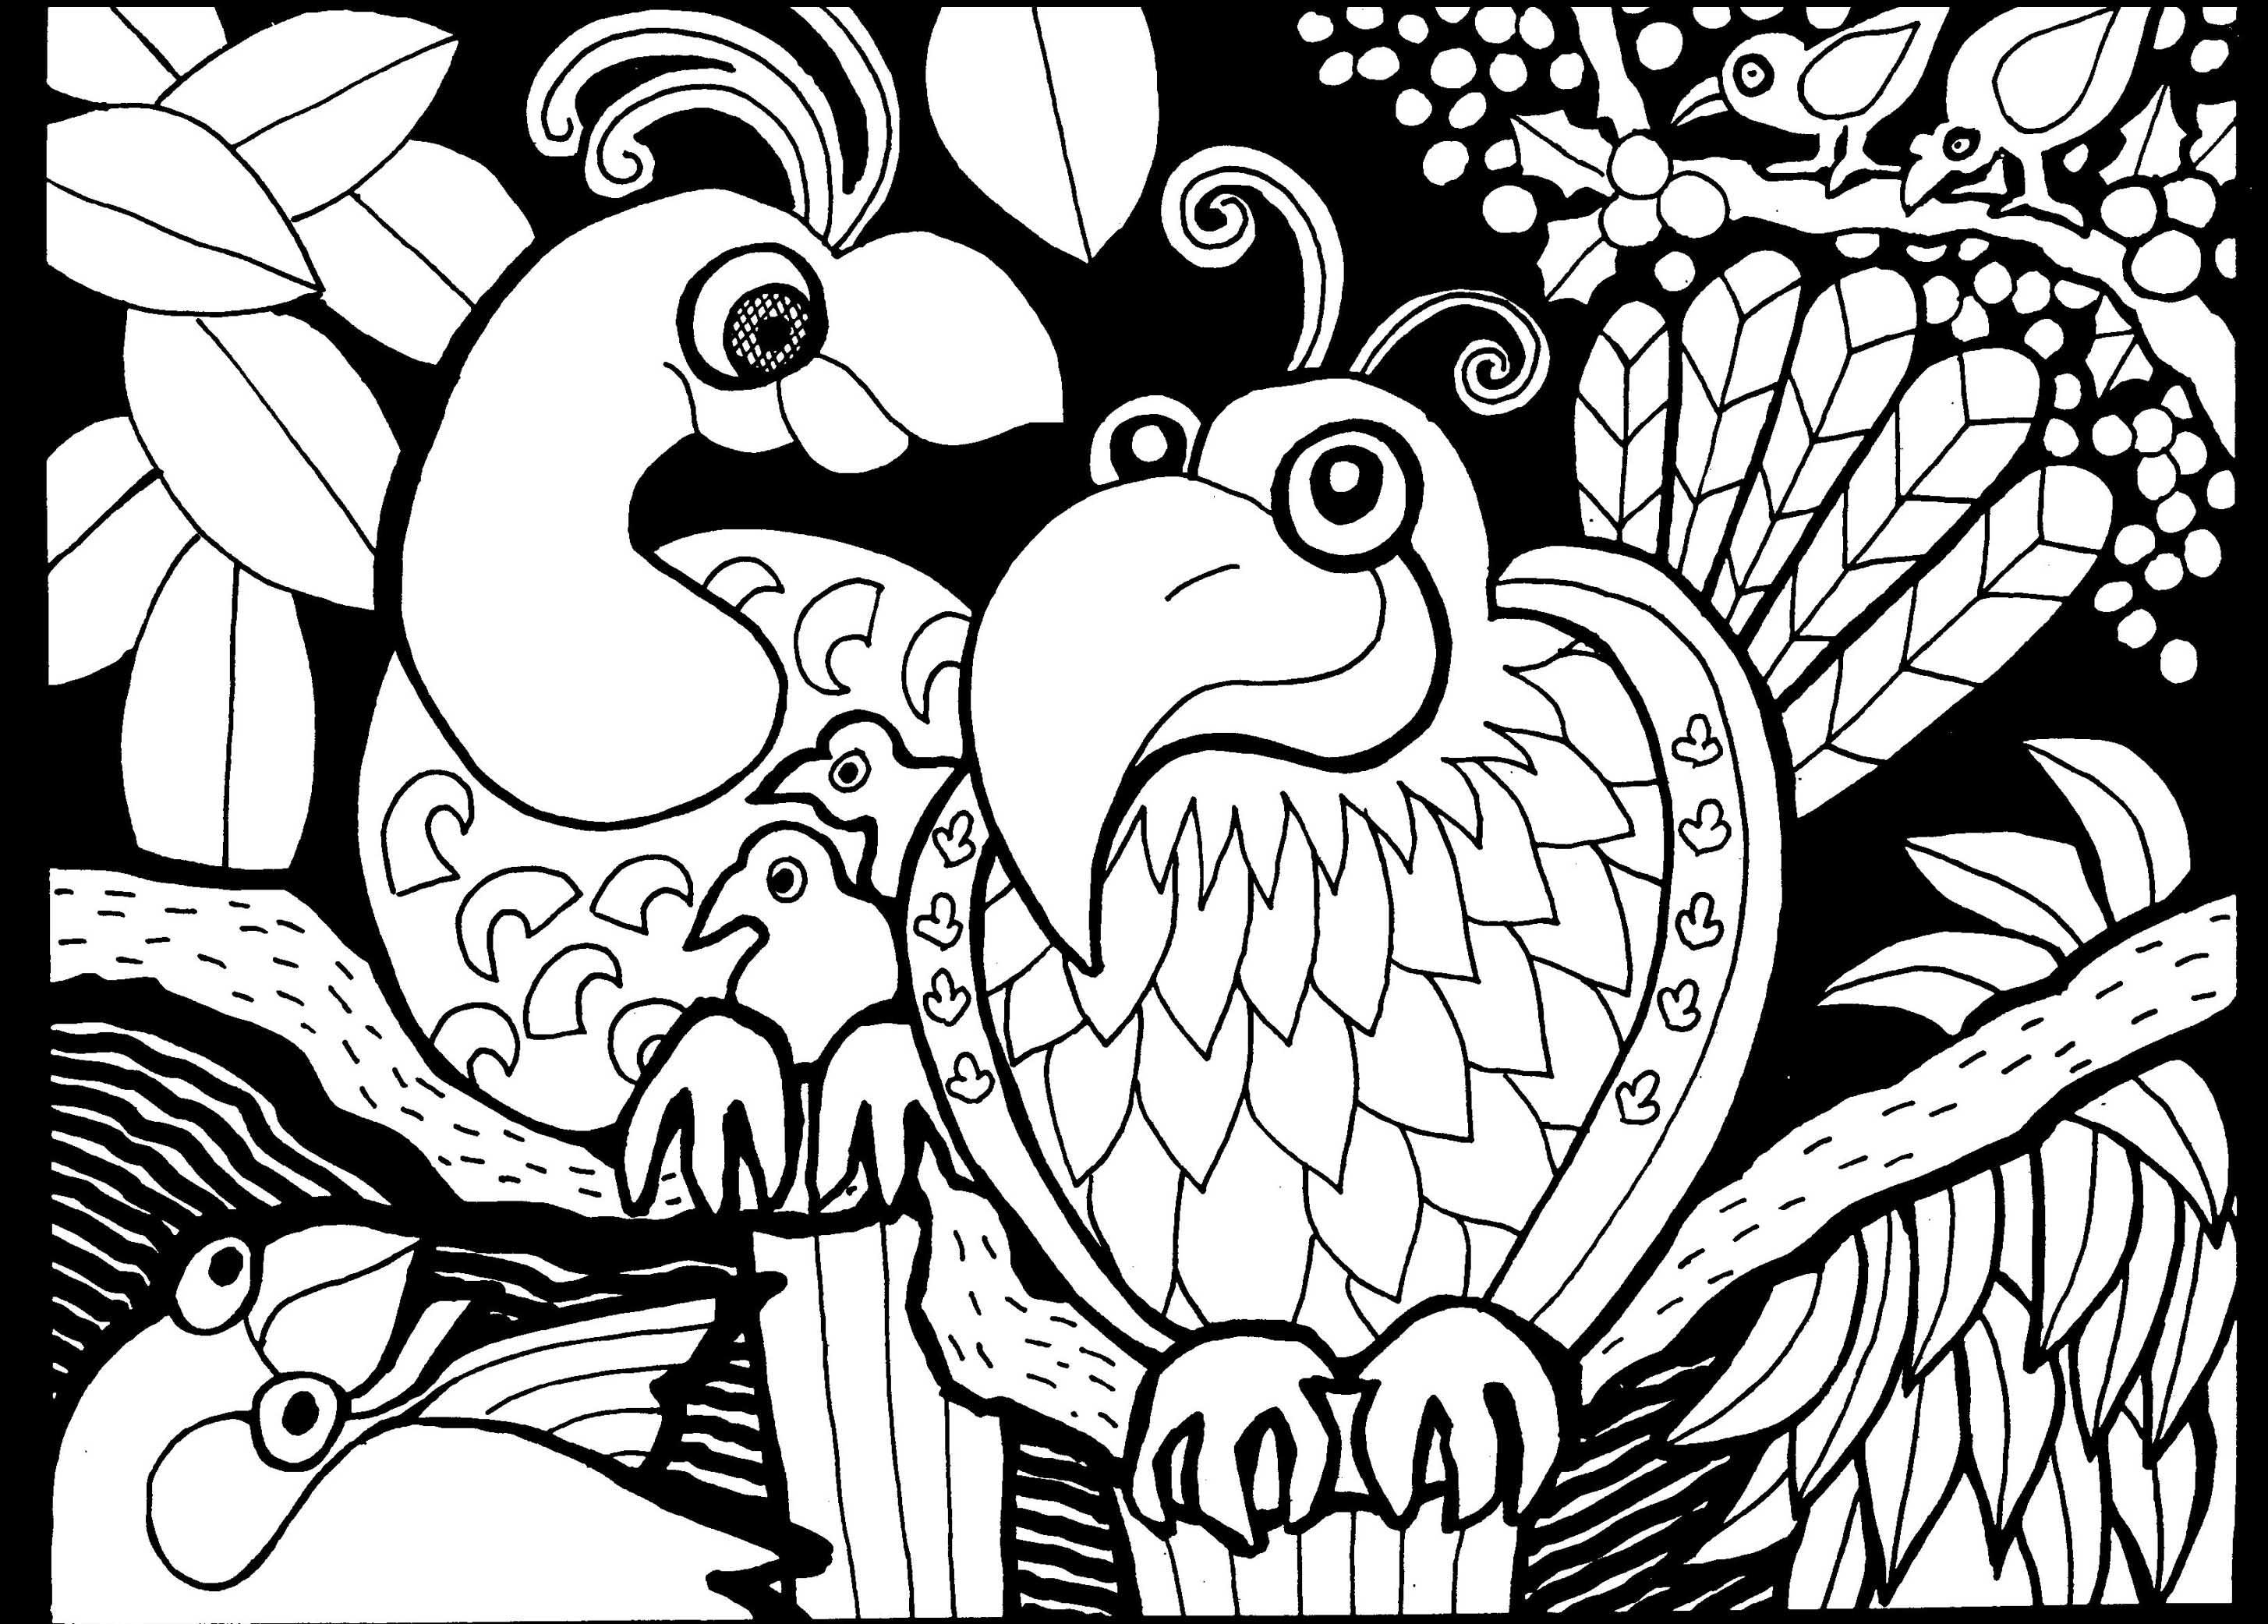 image=afrique coloriage afrique dessin oiseaux 1